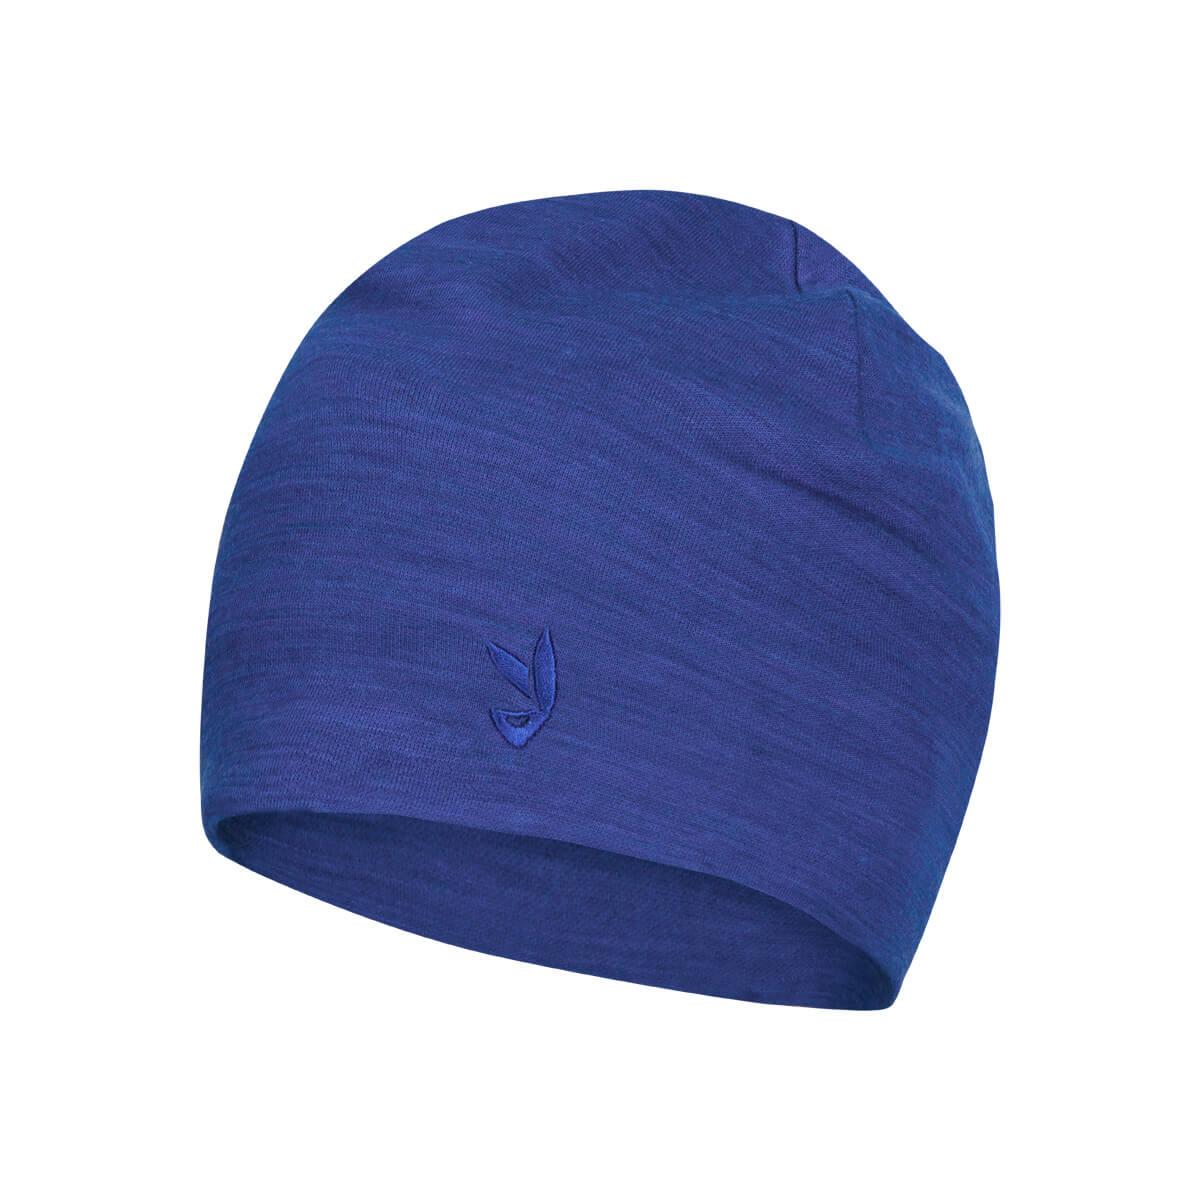 Detská čiapka Ikoo Kids Merino Beanie Ultramarine S